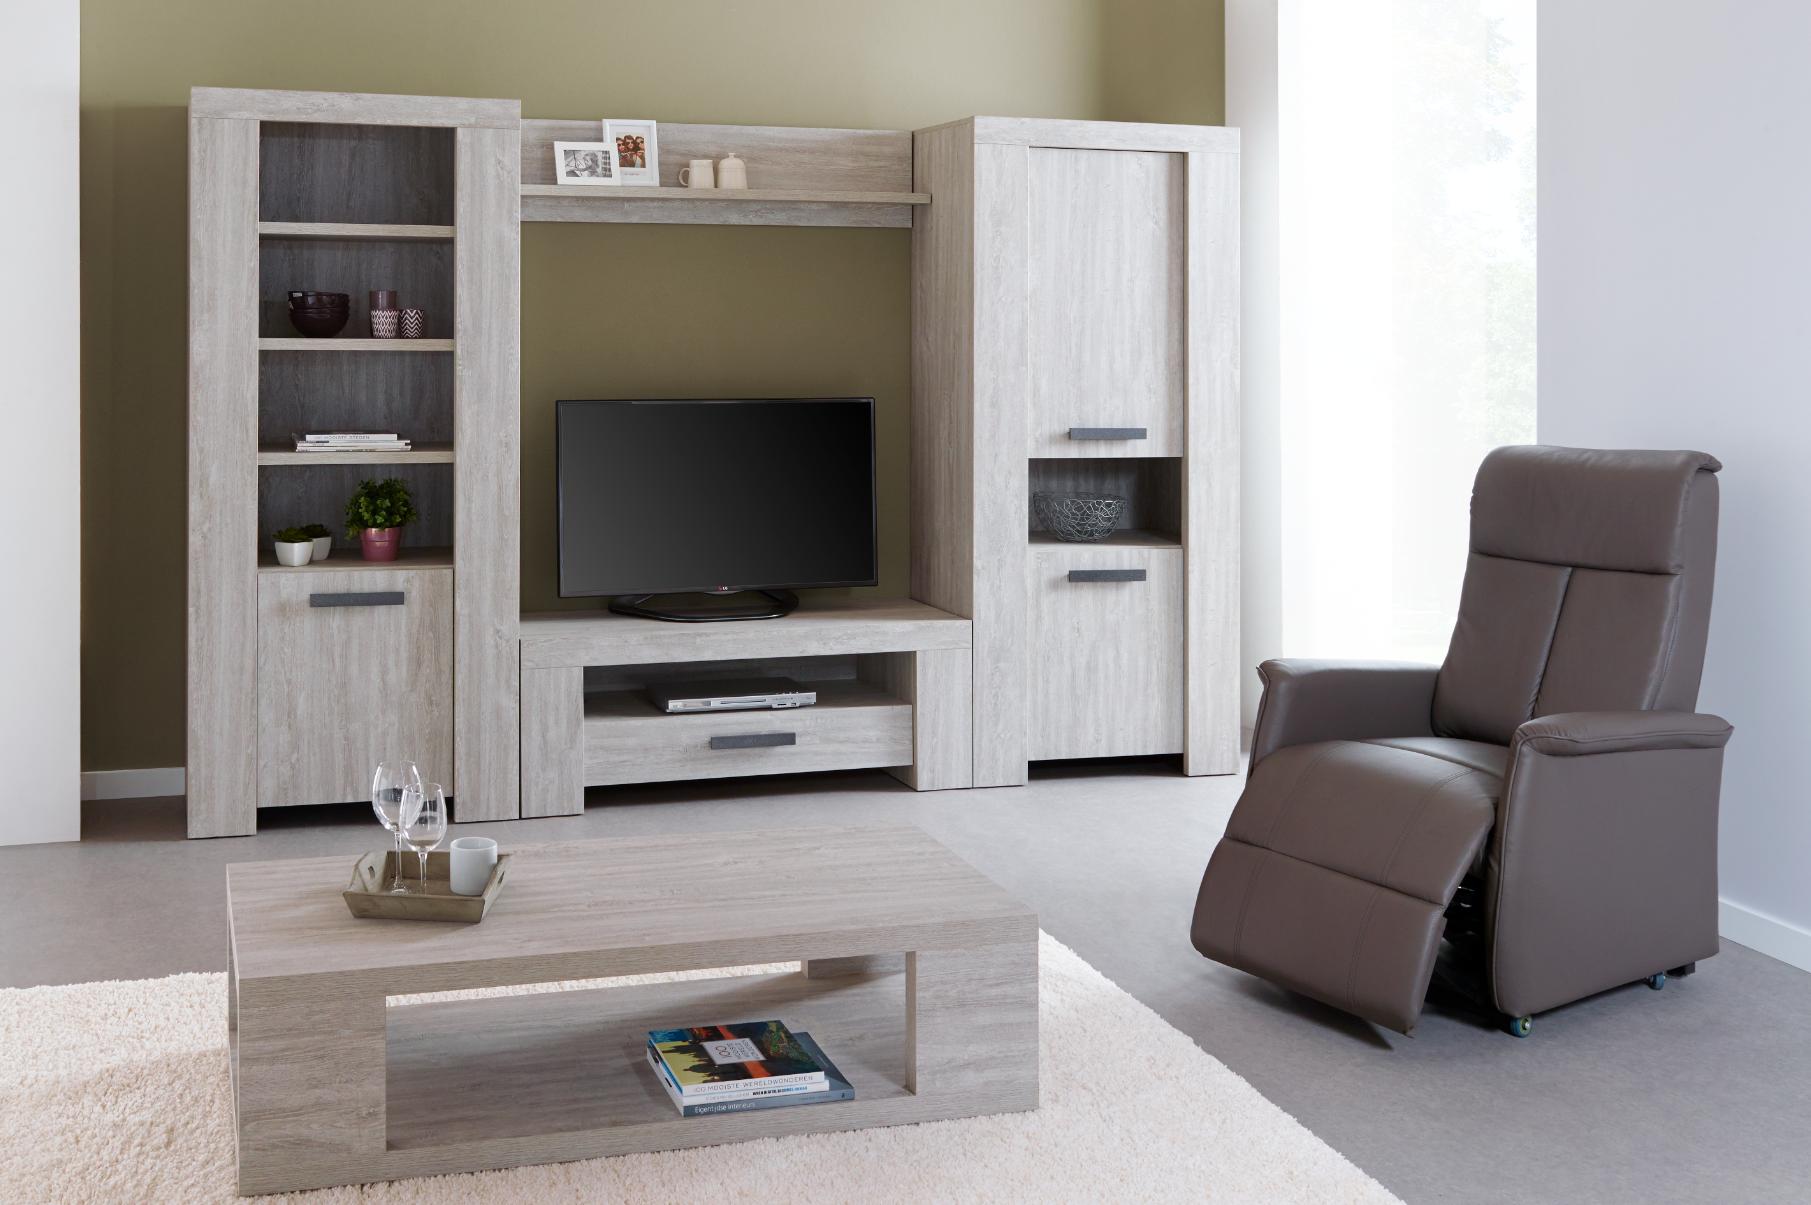 eetkamer valencia licht meubelen voor thuis salons eetkamers slaapkamers relaxen. Black Bedroom Furniture Sets. Home Design Ideas